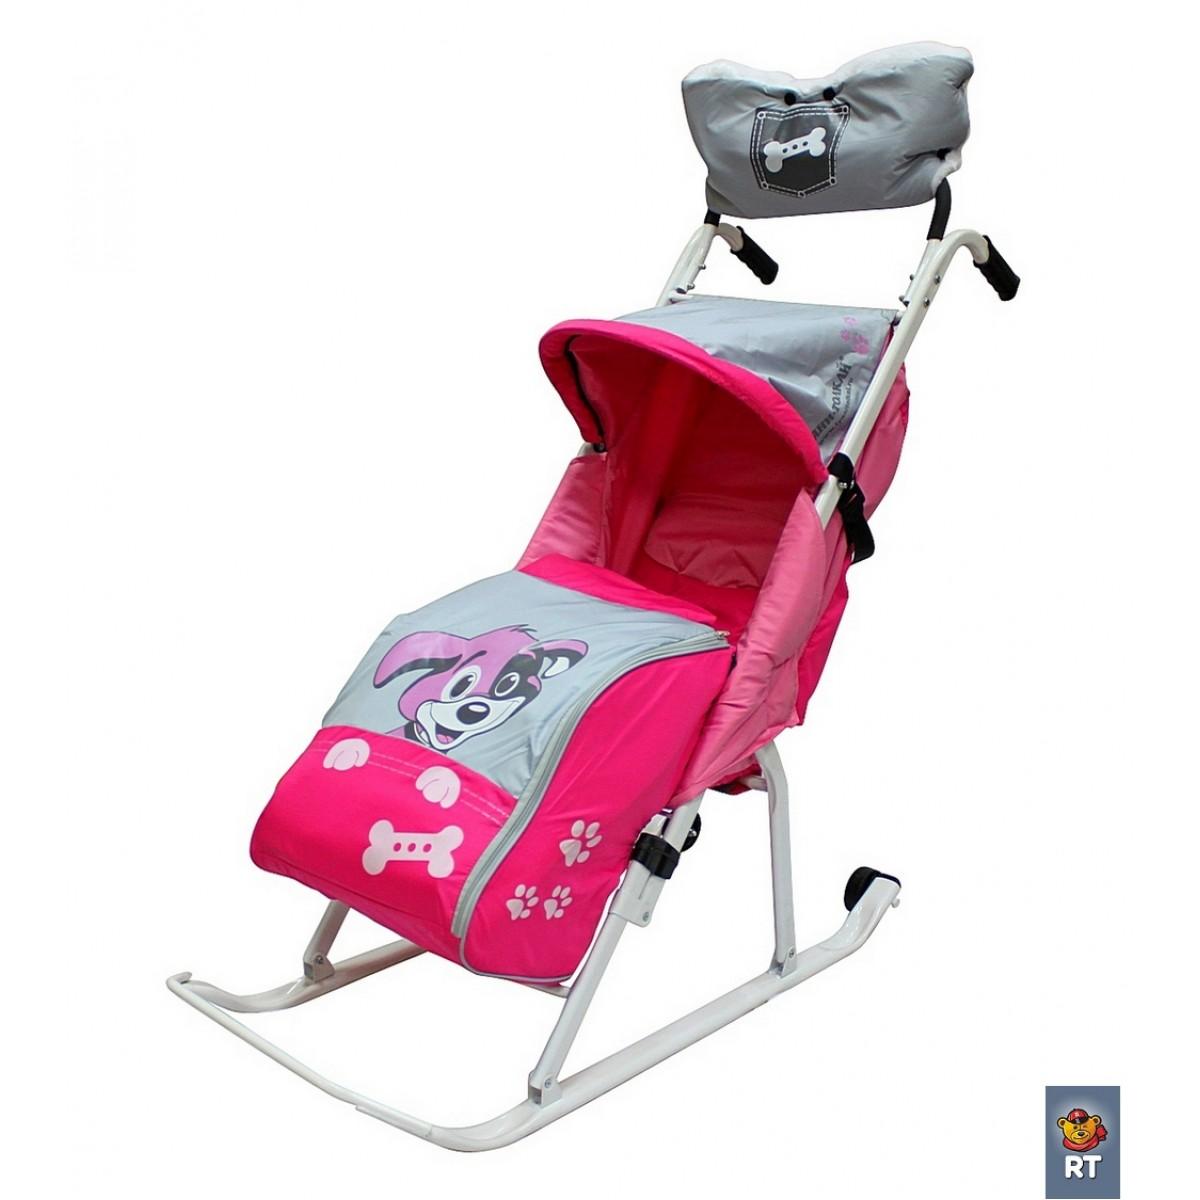 Санки-коляска Комфорт Люкс 11 - Любопытный щенок с колесиками и муфтой, розовыйСанки и сани-коляски<br>Санки-коляска Комфорт Люкс 11 - Любопытный щенок с колесиками и муфтой, розовый<br>